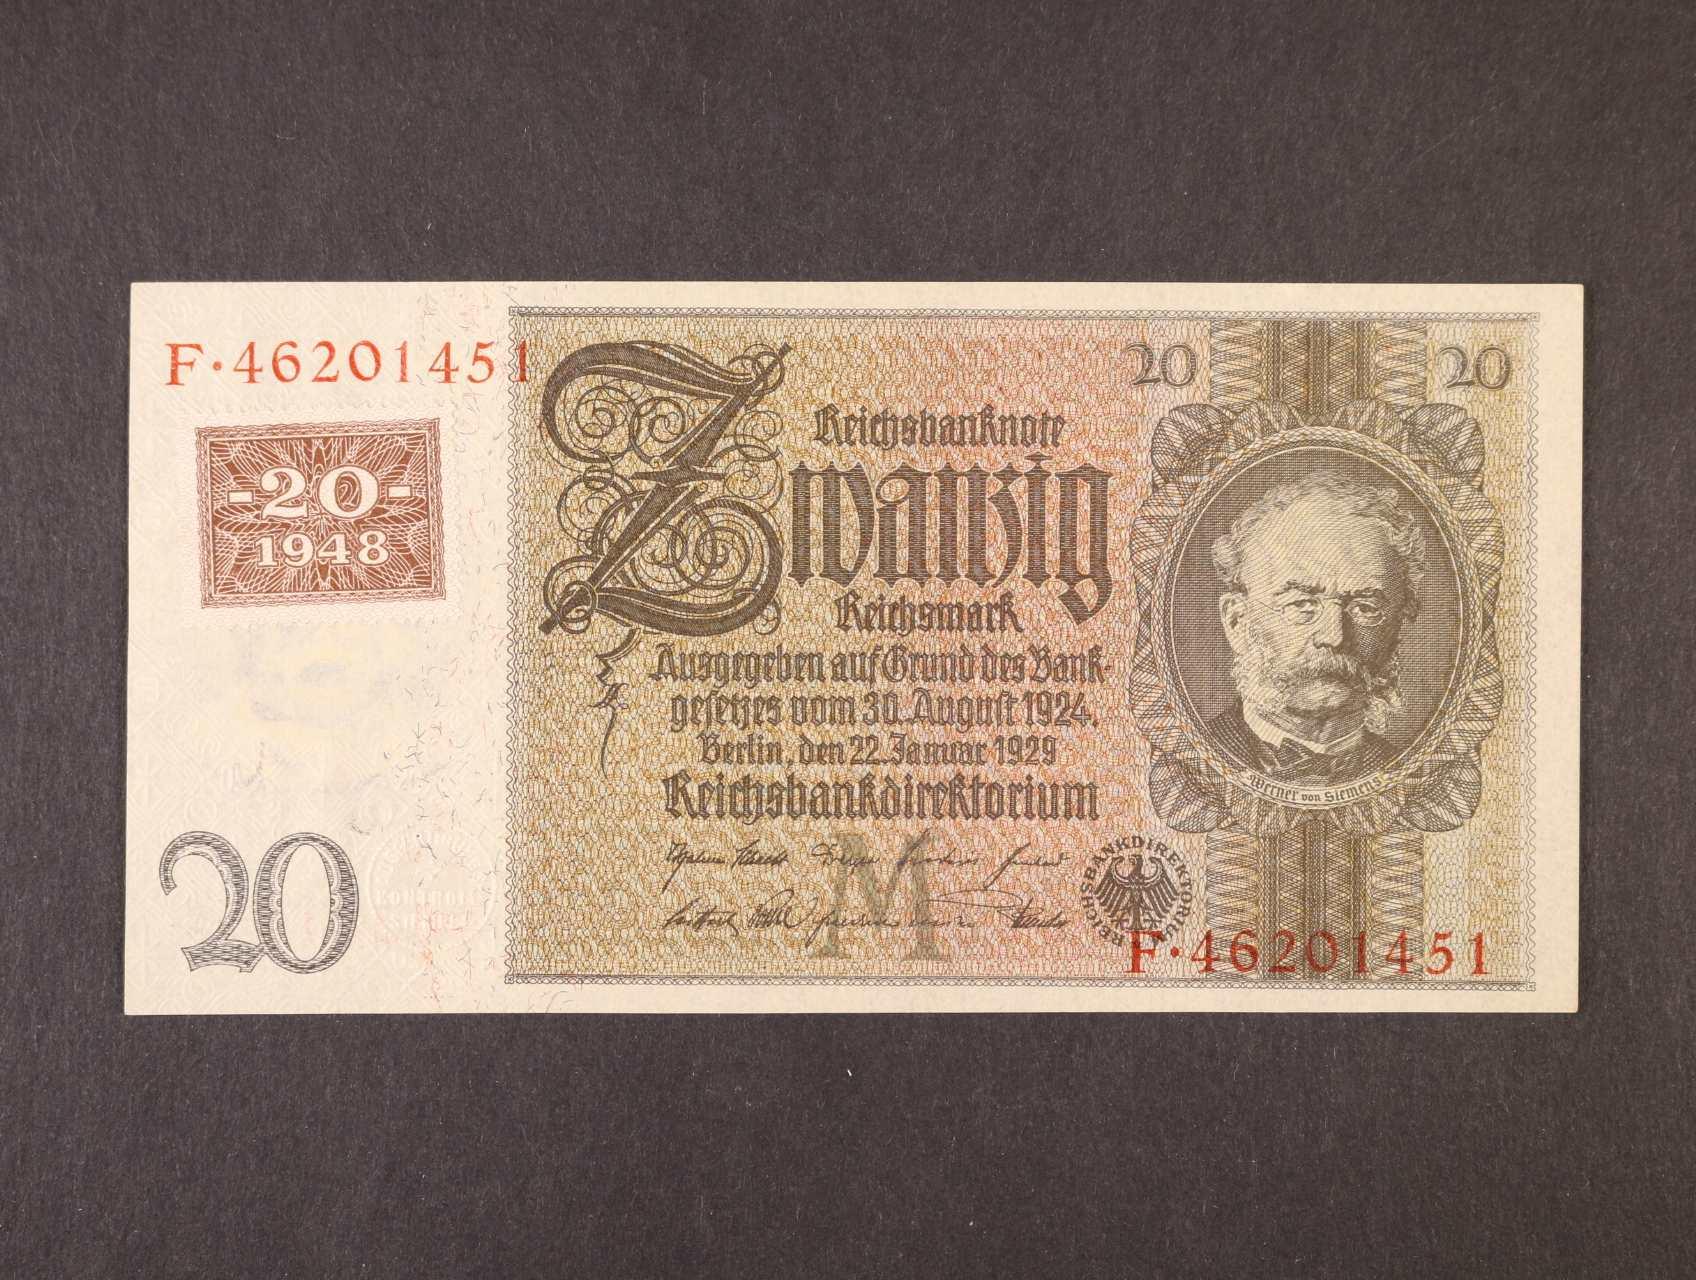 20 DM 1948 / 1929 kolkovaná, Ro. 335